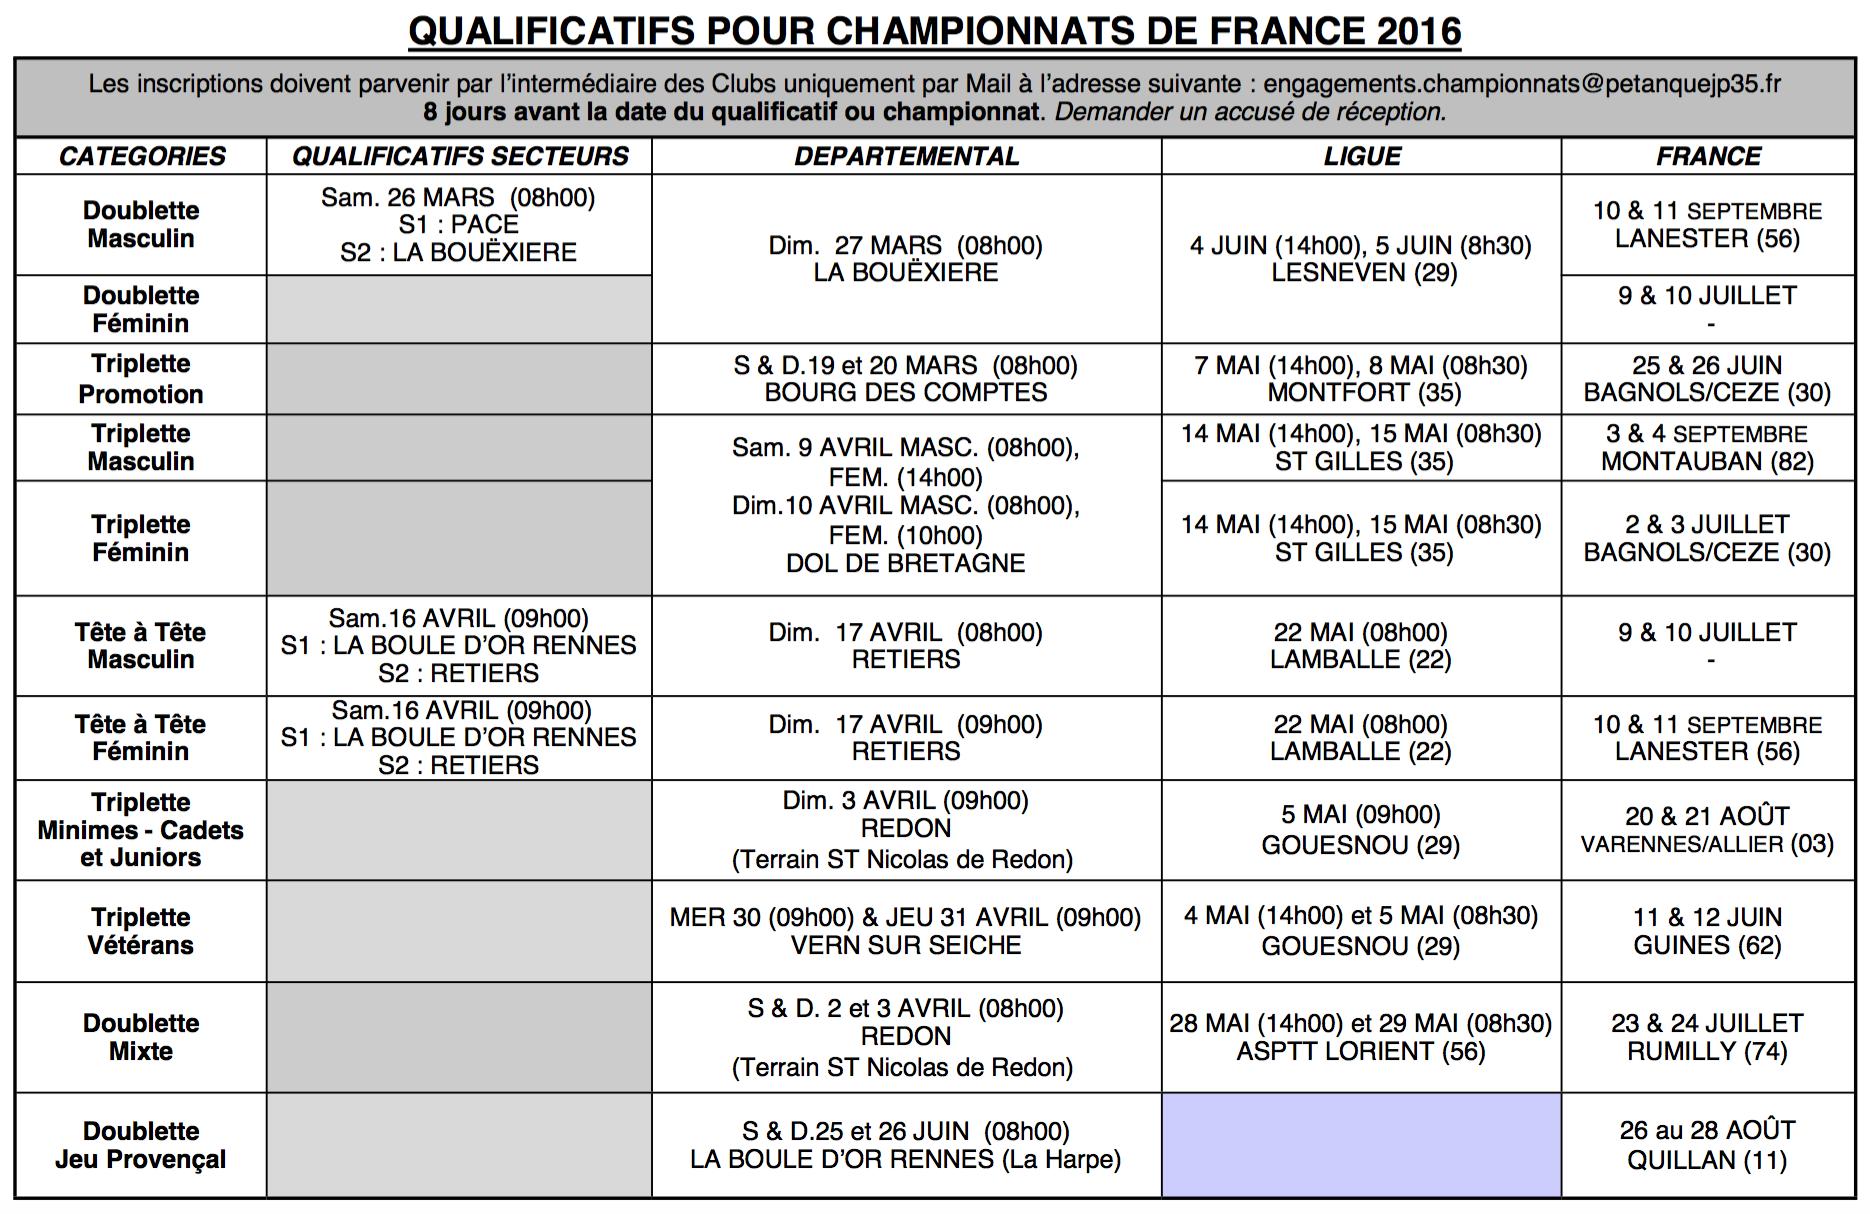 Qualif France 2016